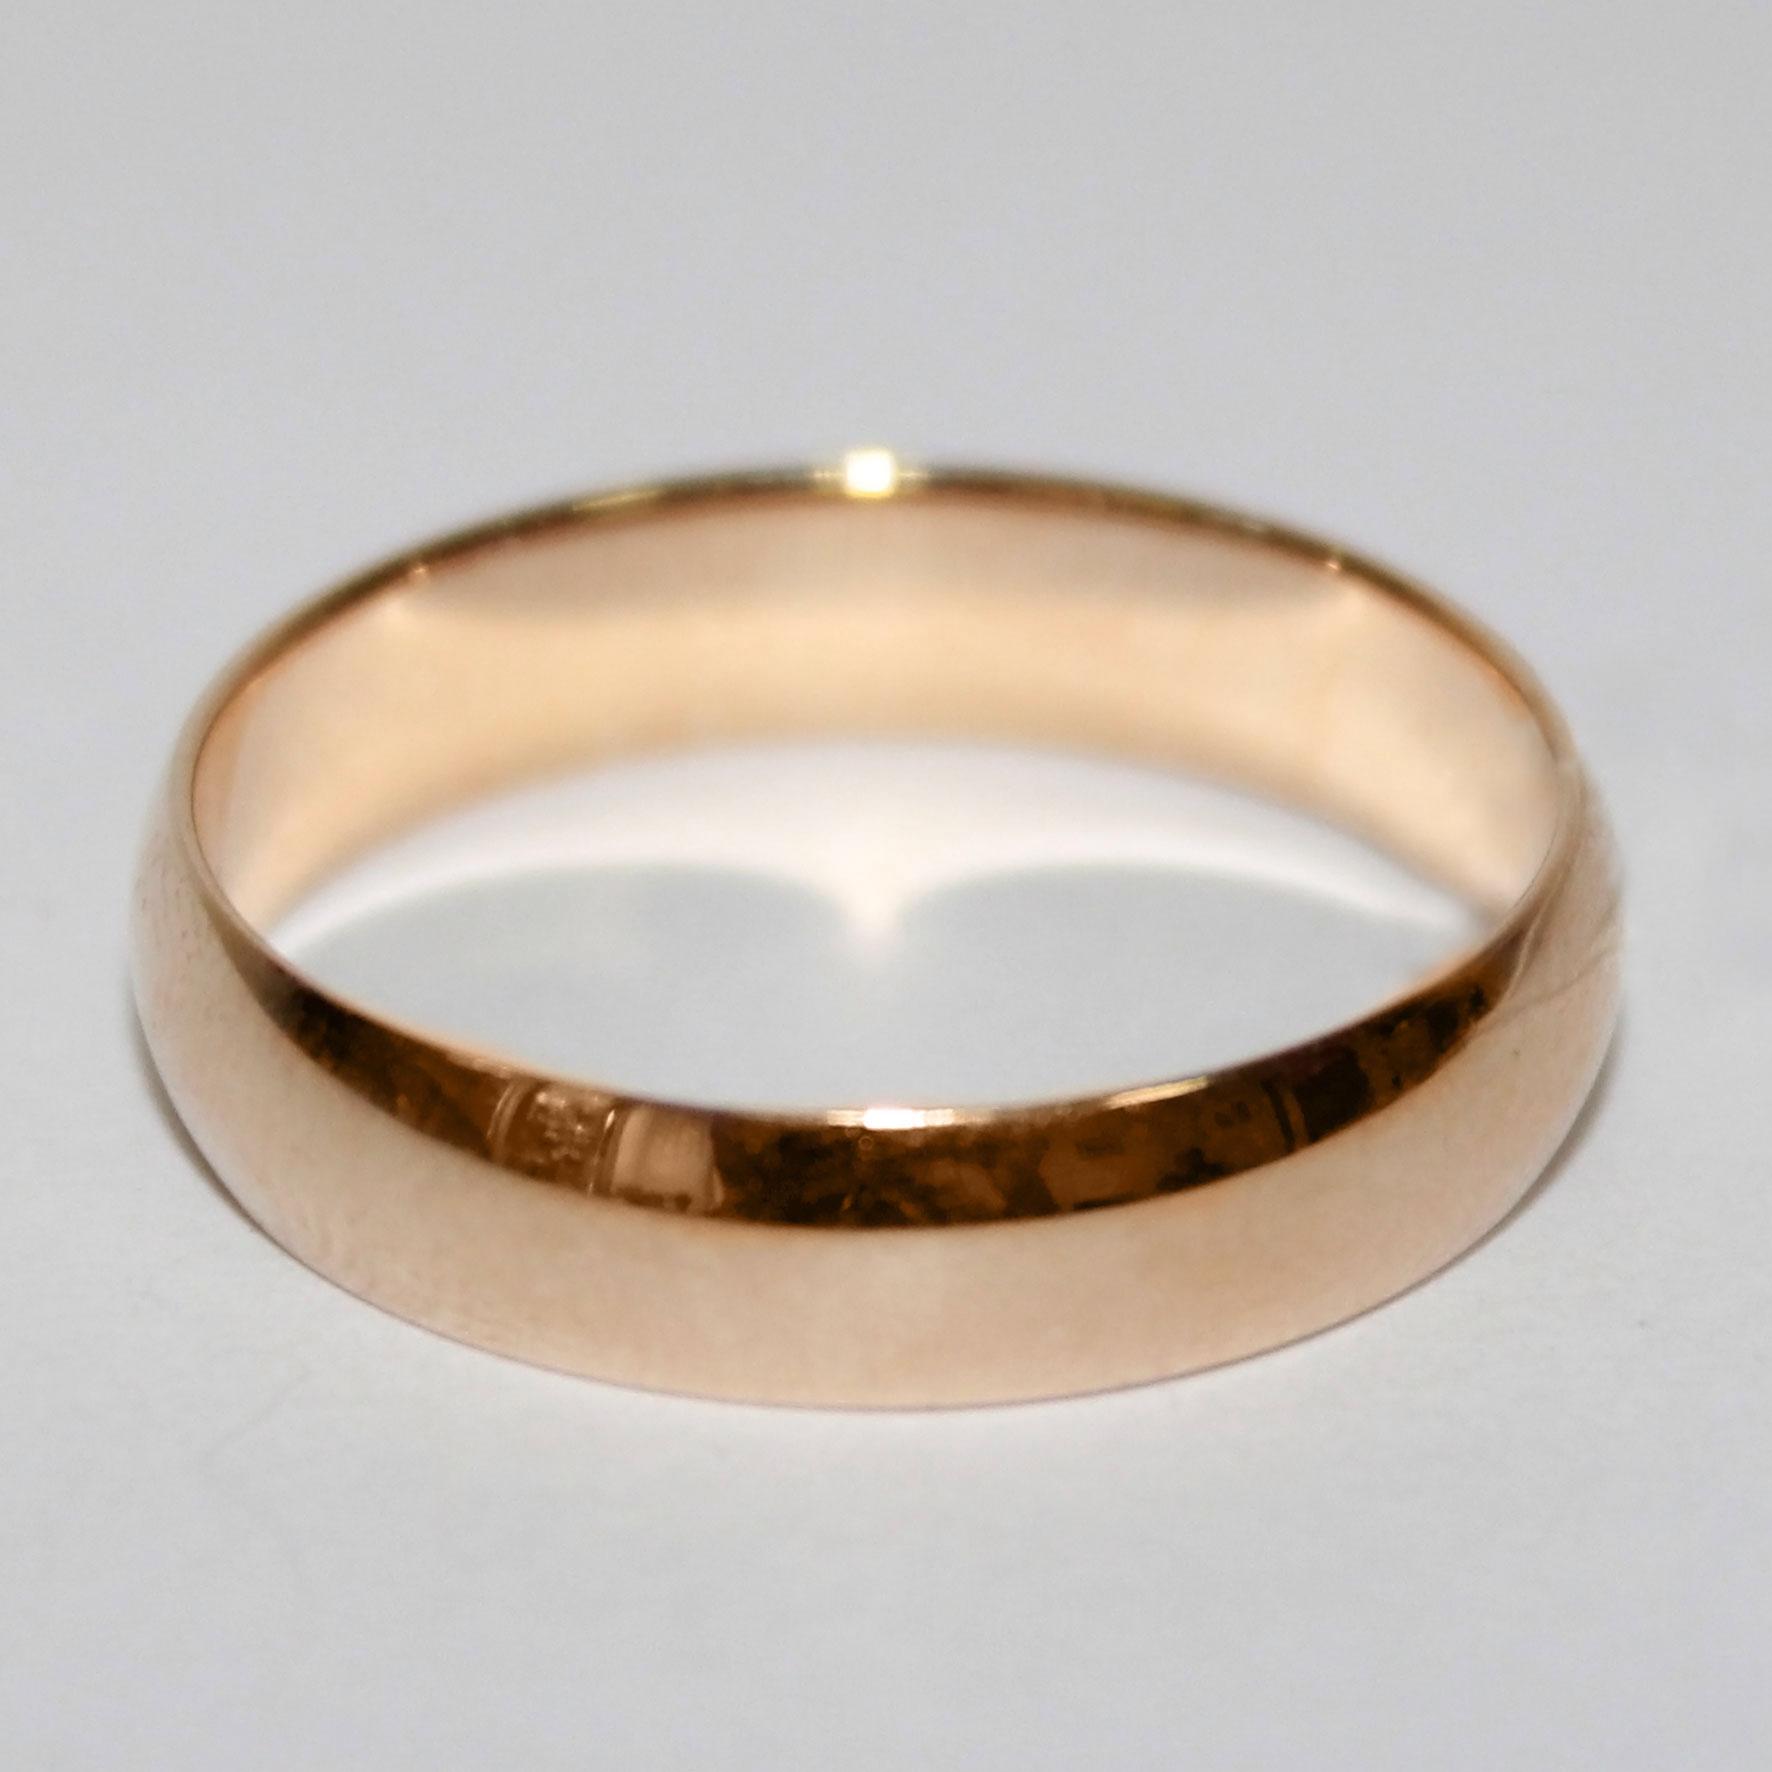 Кольцо обручальное гладкое классическое шинка 5 мм 876a56e0a2991